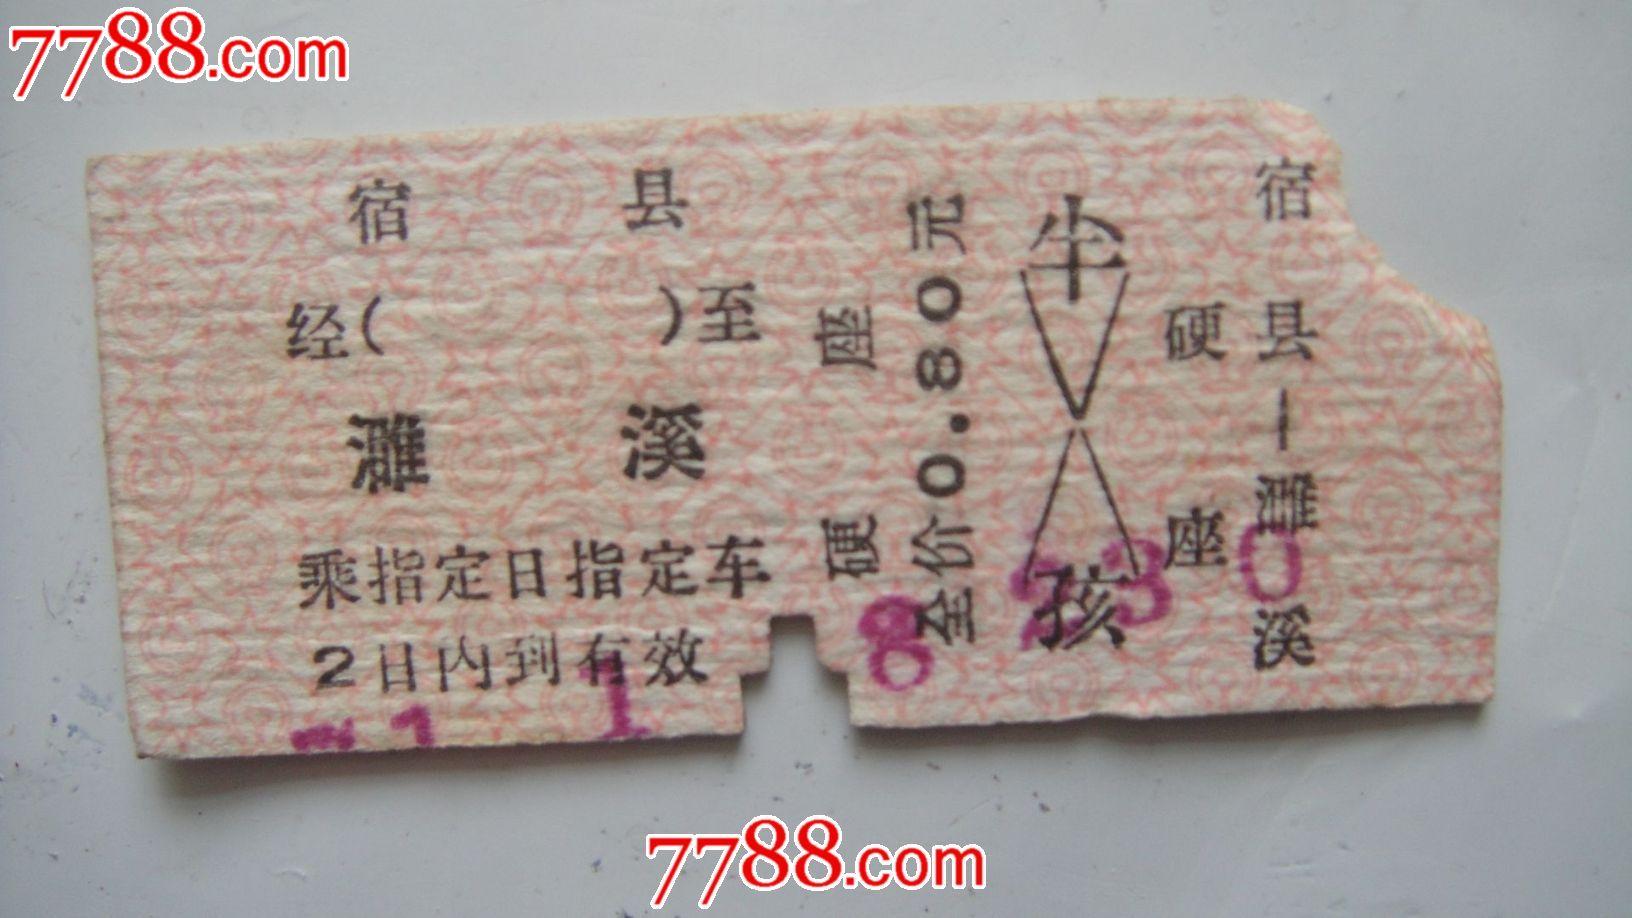 火车票(宿县—濉溪)